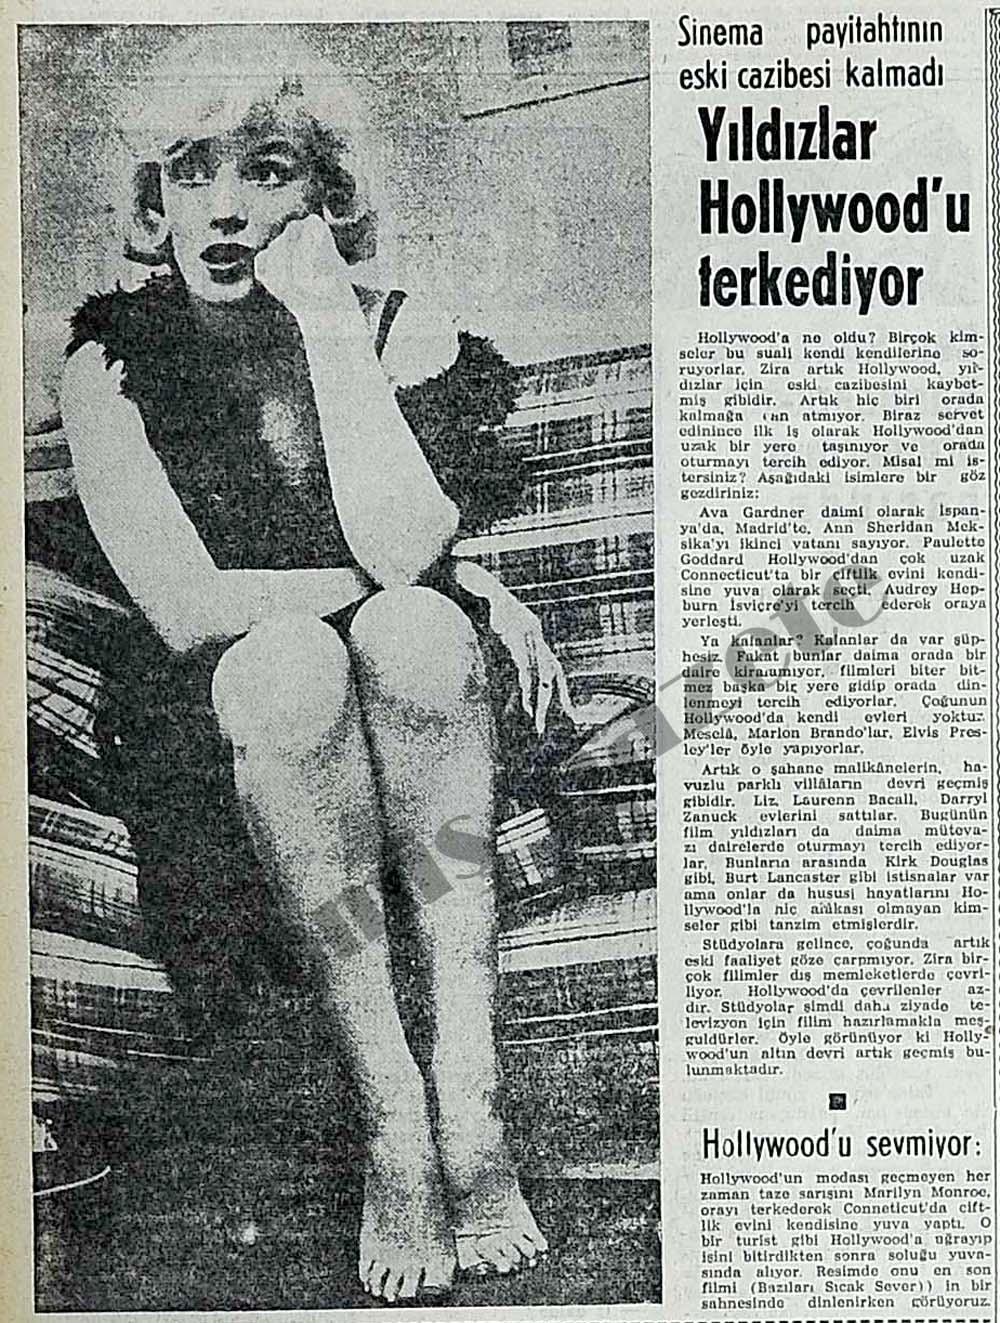 Sinema payitahtının eski cazibesi kalmadı Yıldızlar Hollywood'u terkediyor